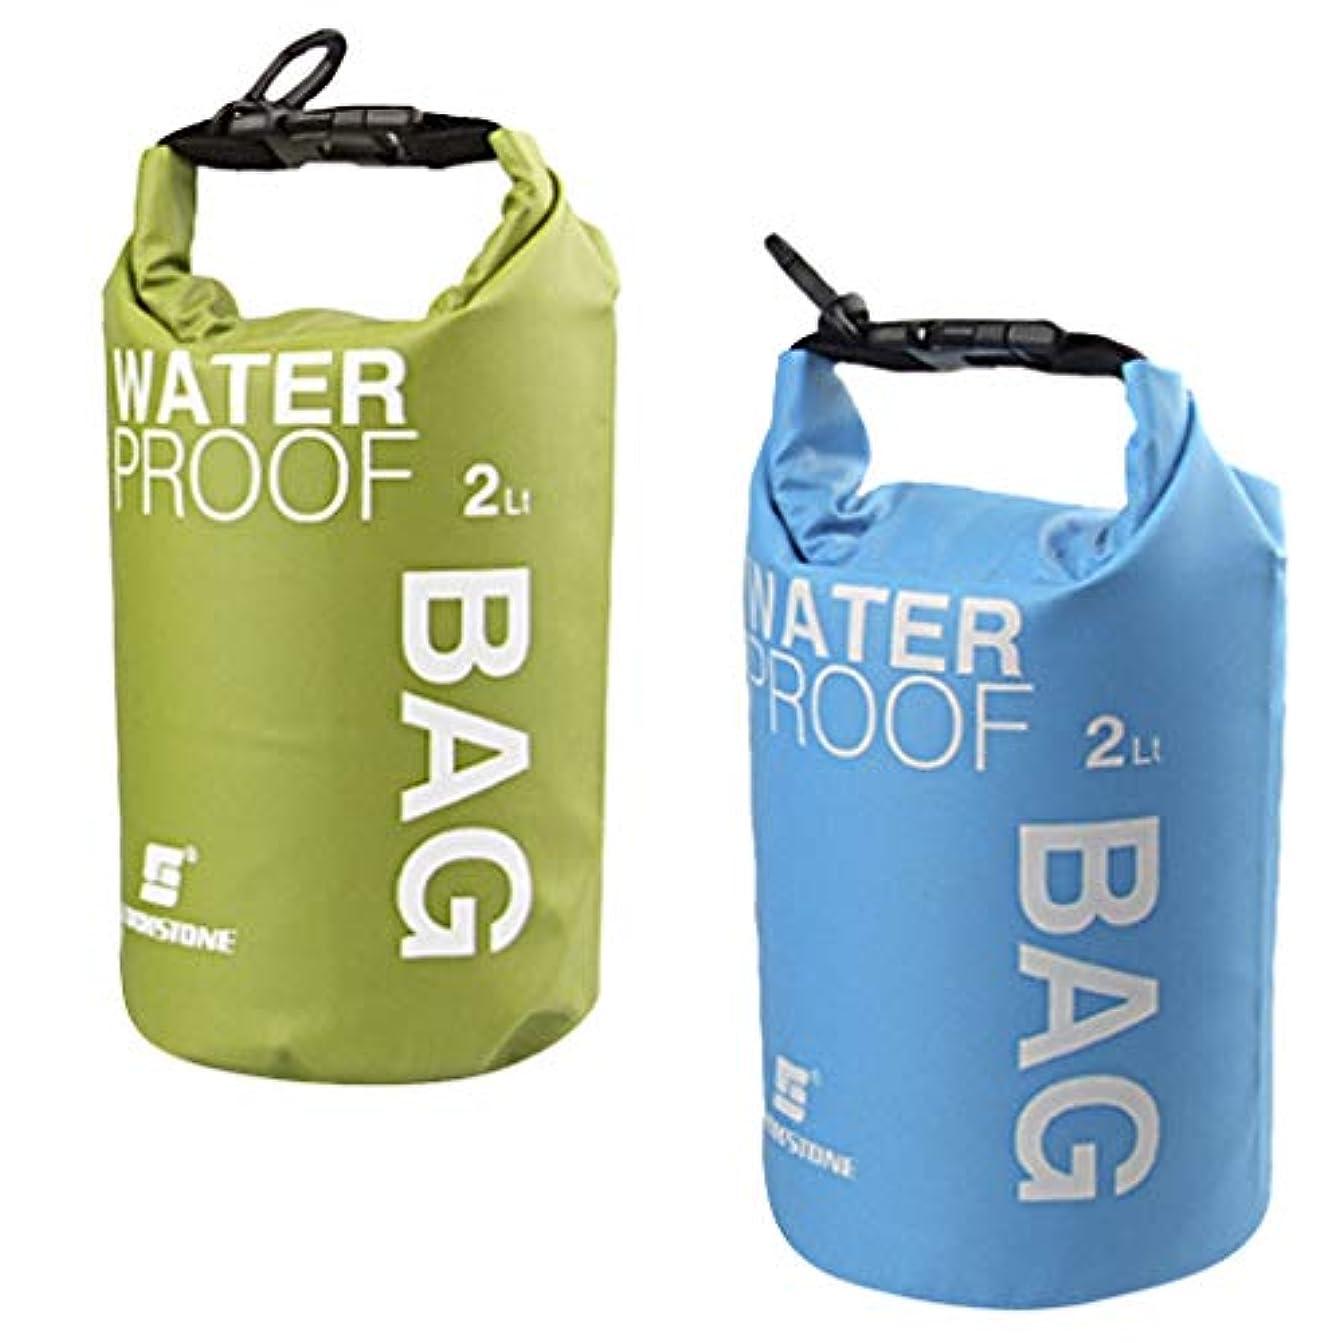 母音腫瘍暫定のFLAMEER 圧縮 2本 防水ドライバッグ袋 ポーチ カヤック キャンプ ラフティング フローティング 2L